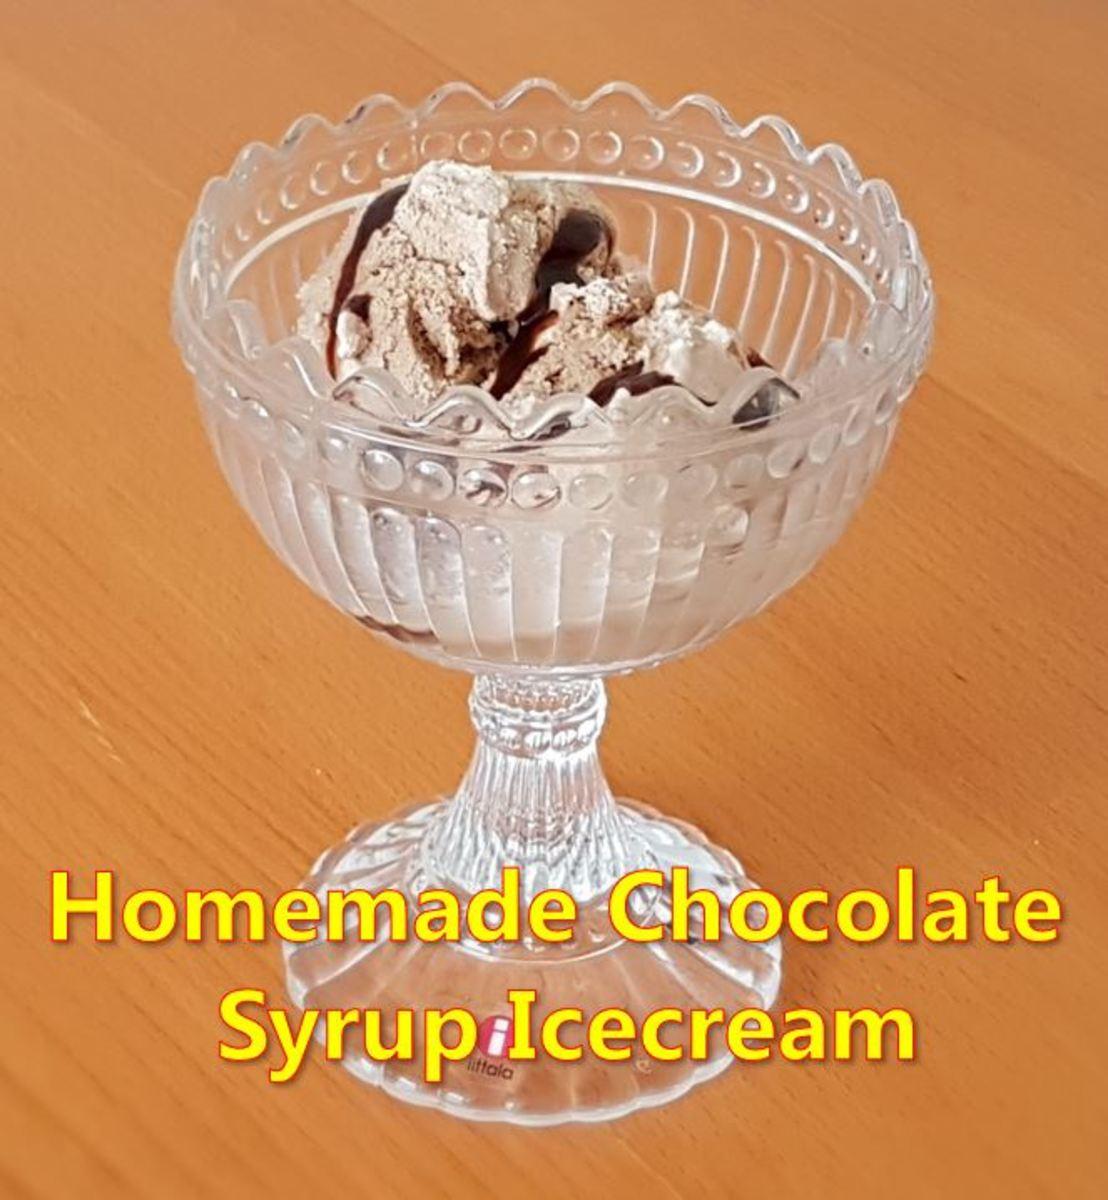 Homemade Ice Cream Using Hershey's Chocolate Syrup